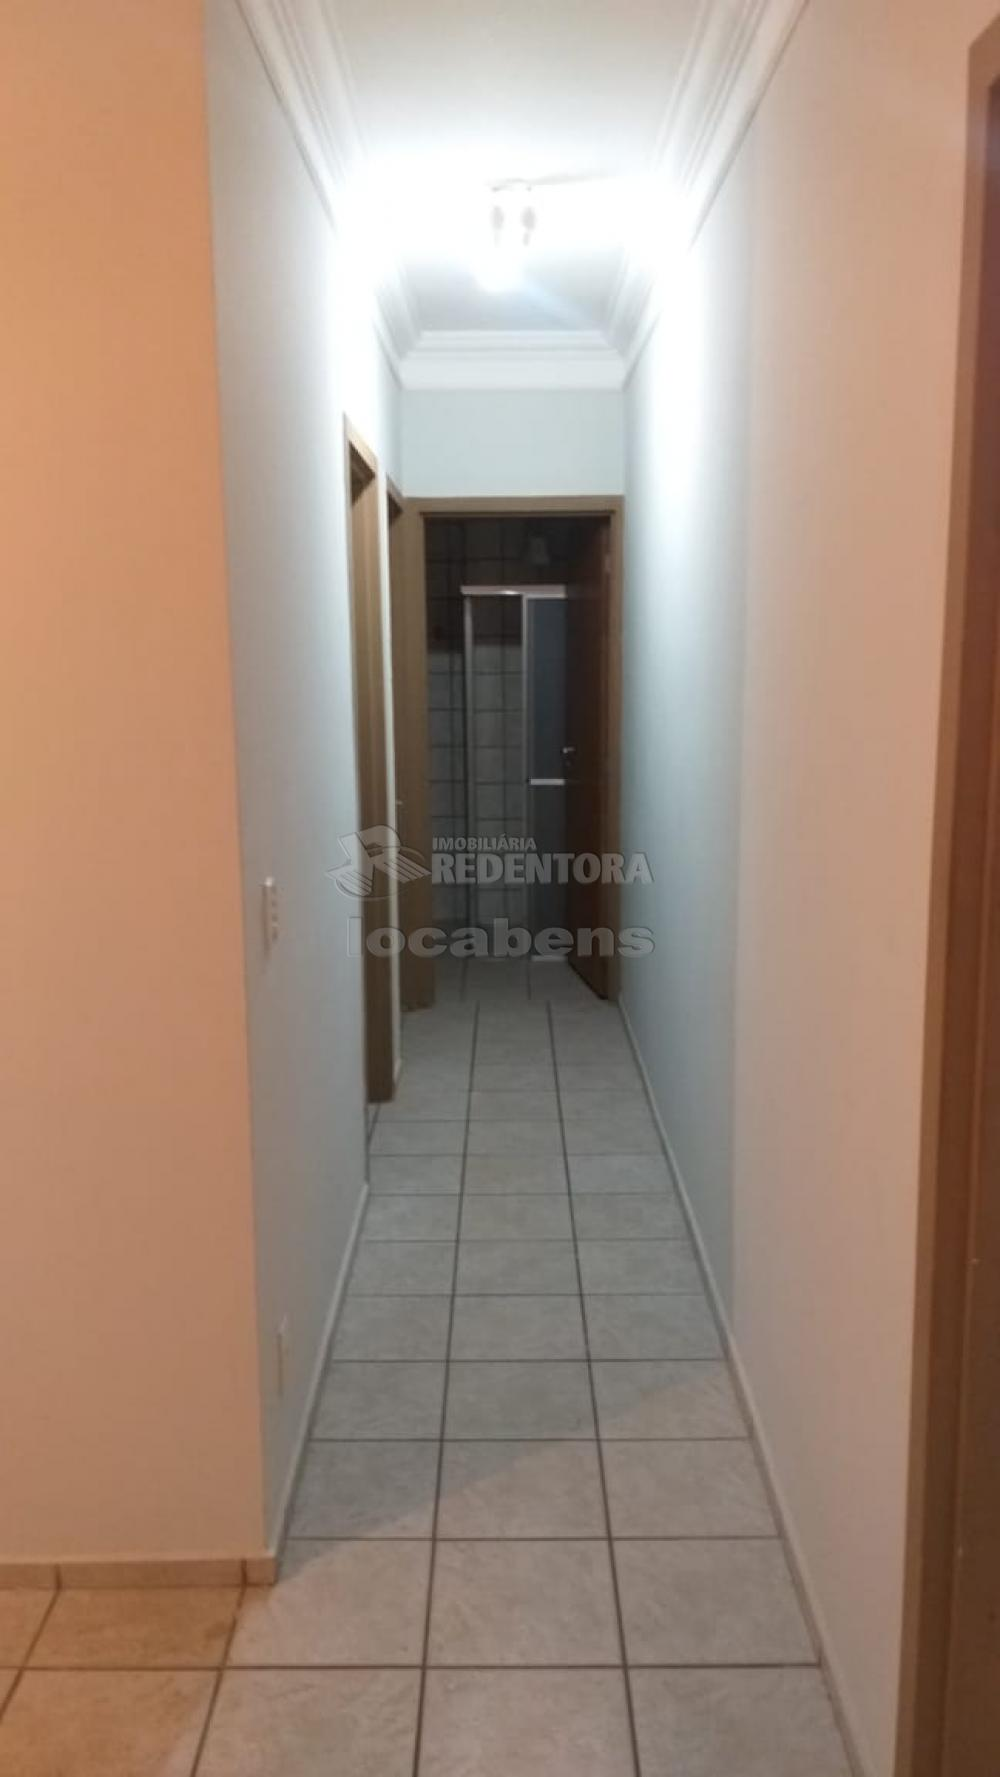 Alugar Apartamento / Padrão em São José do Rio Preto R$ 550,00 - Foto 27